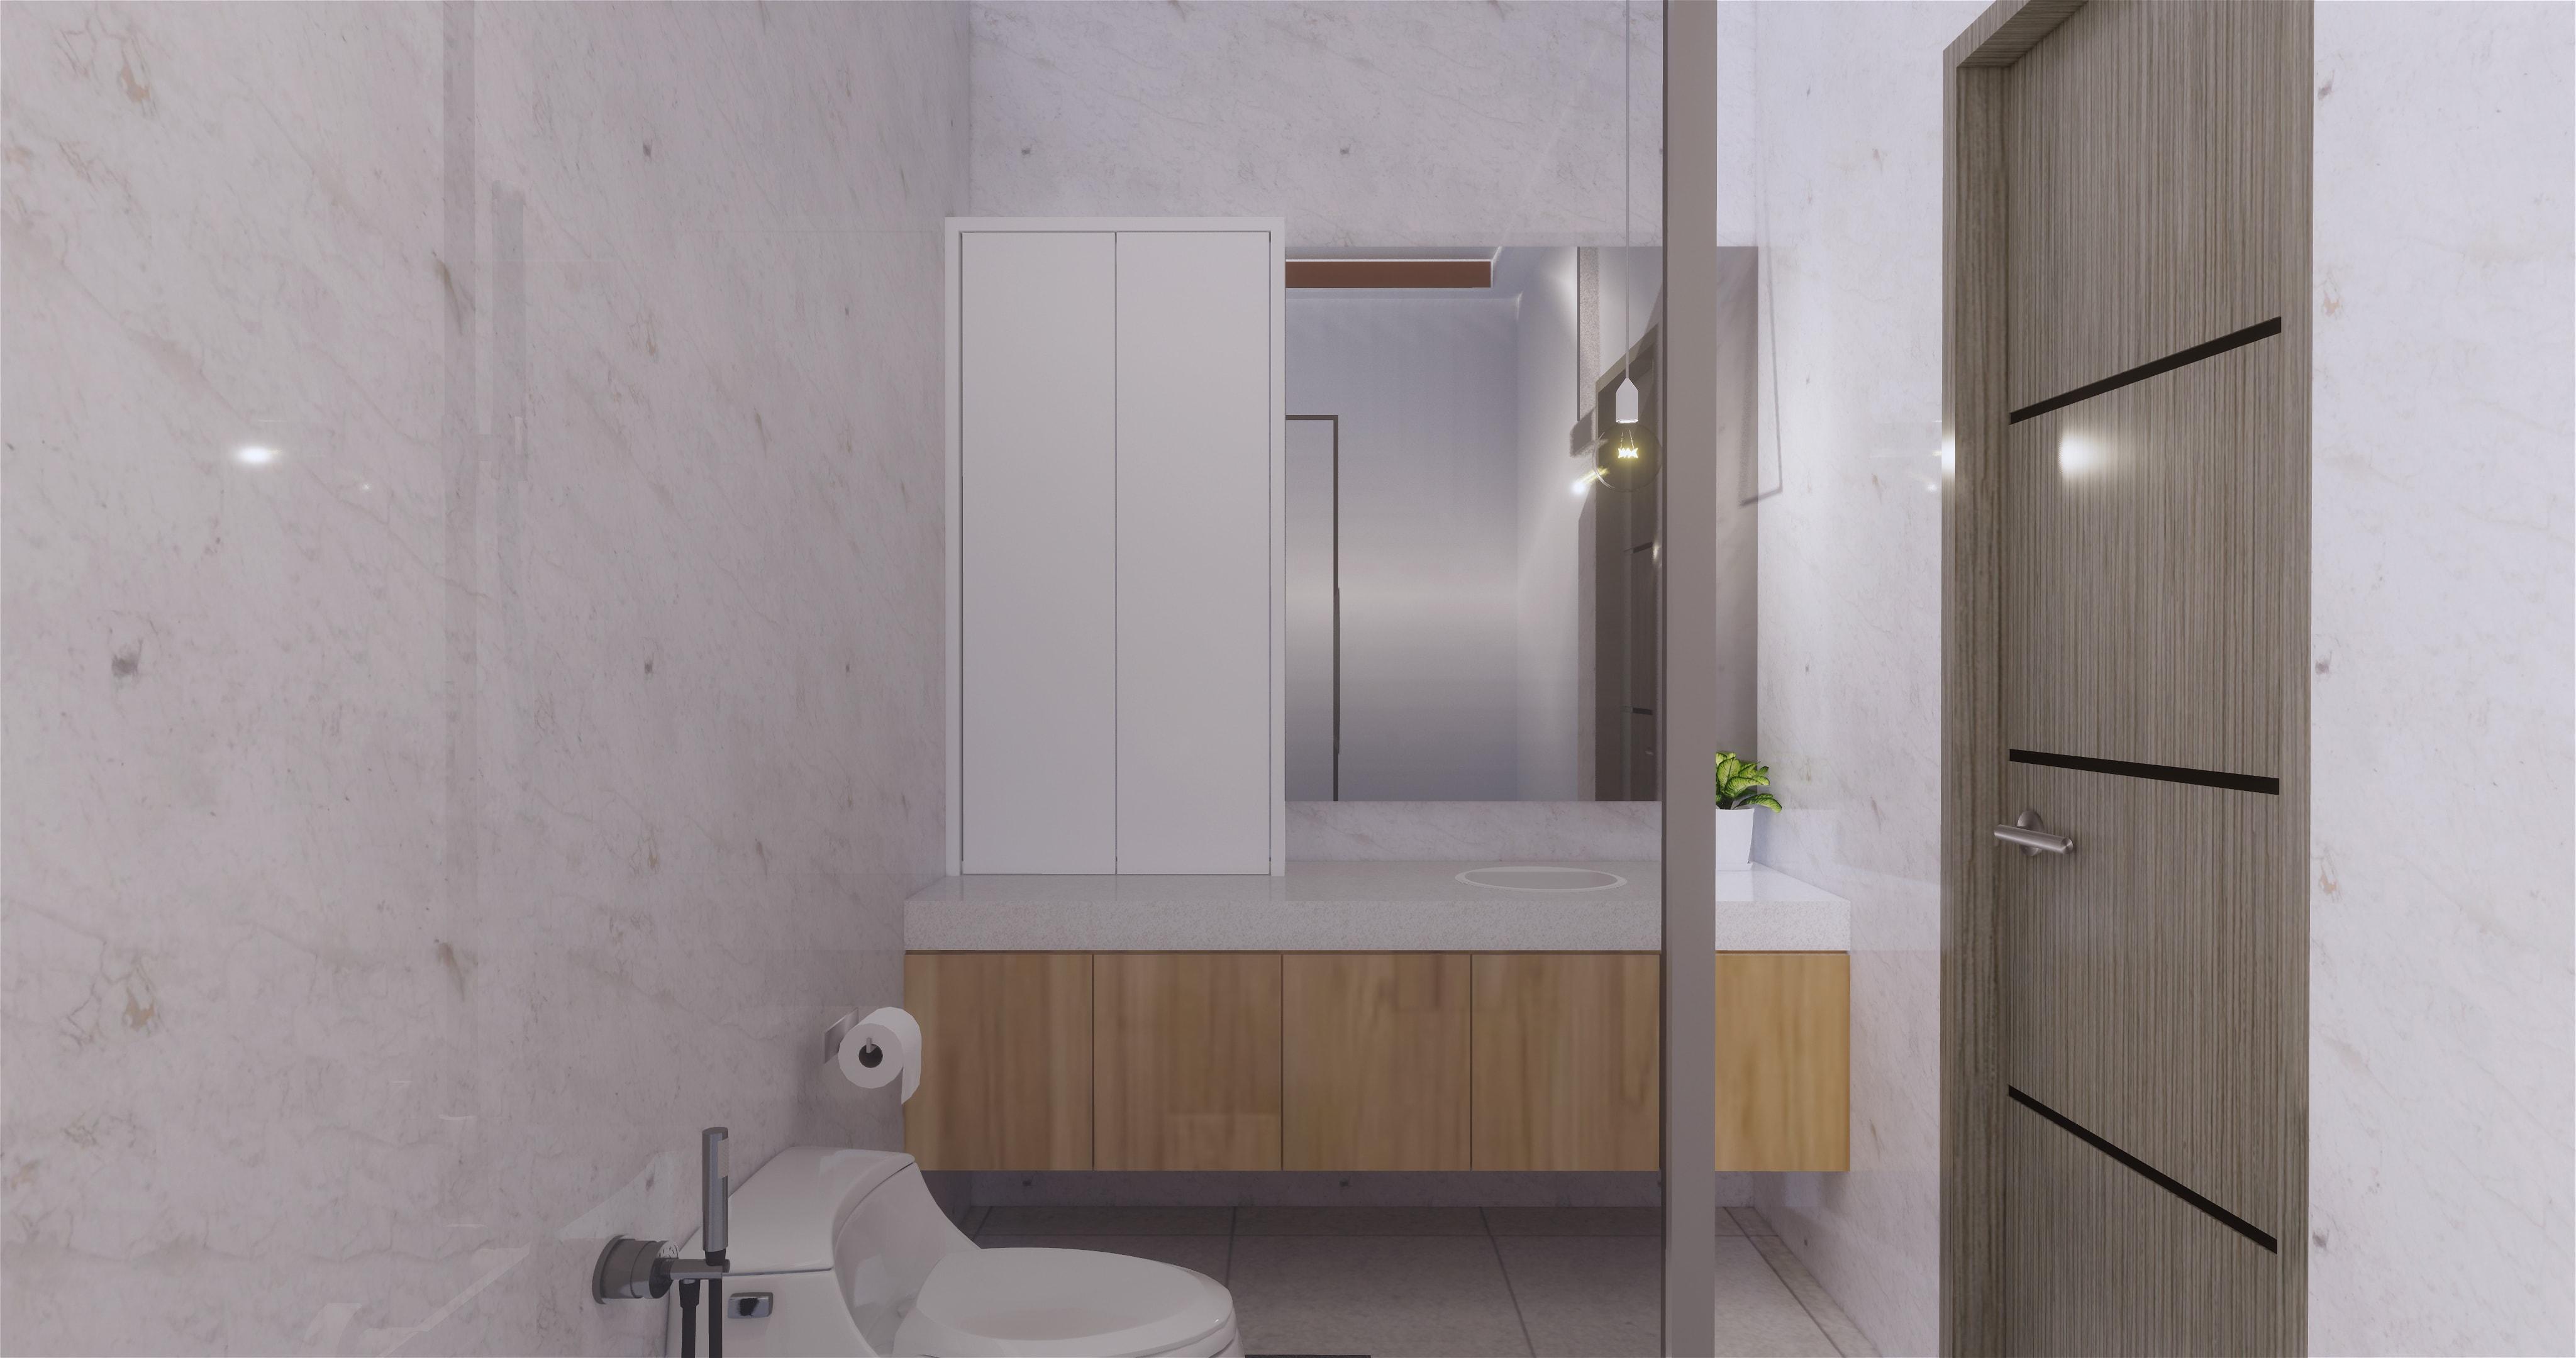 Desain kamar mandi gaya modern